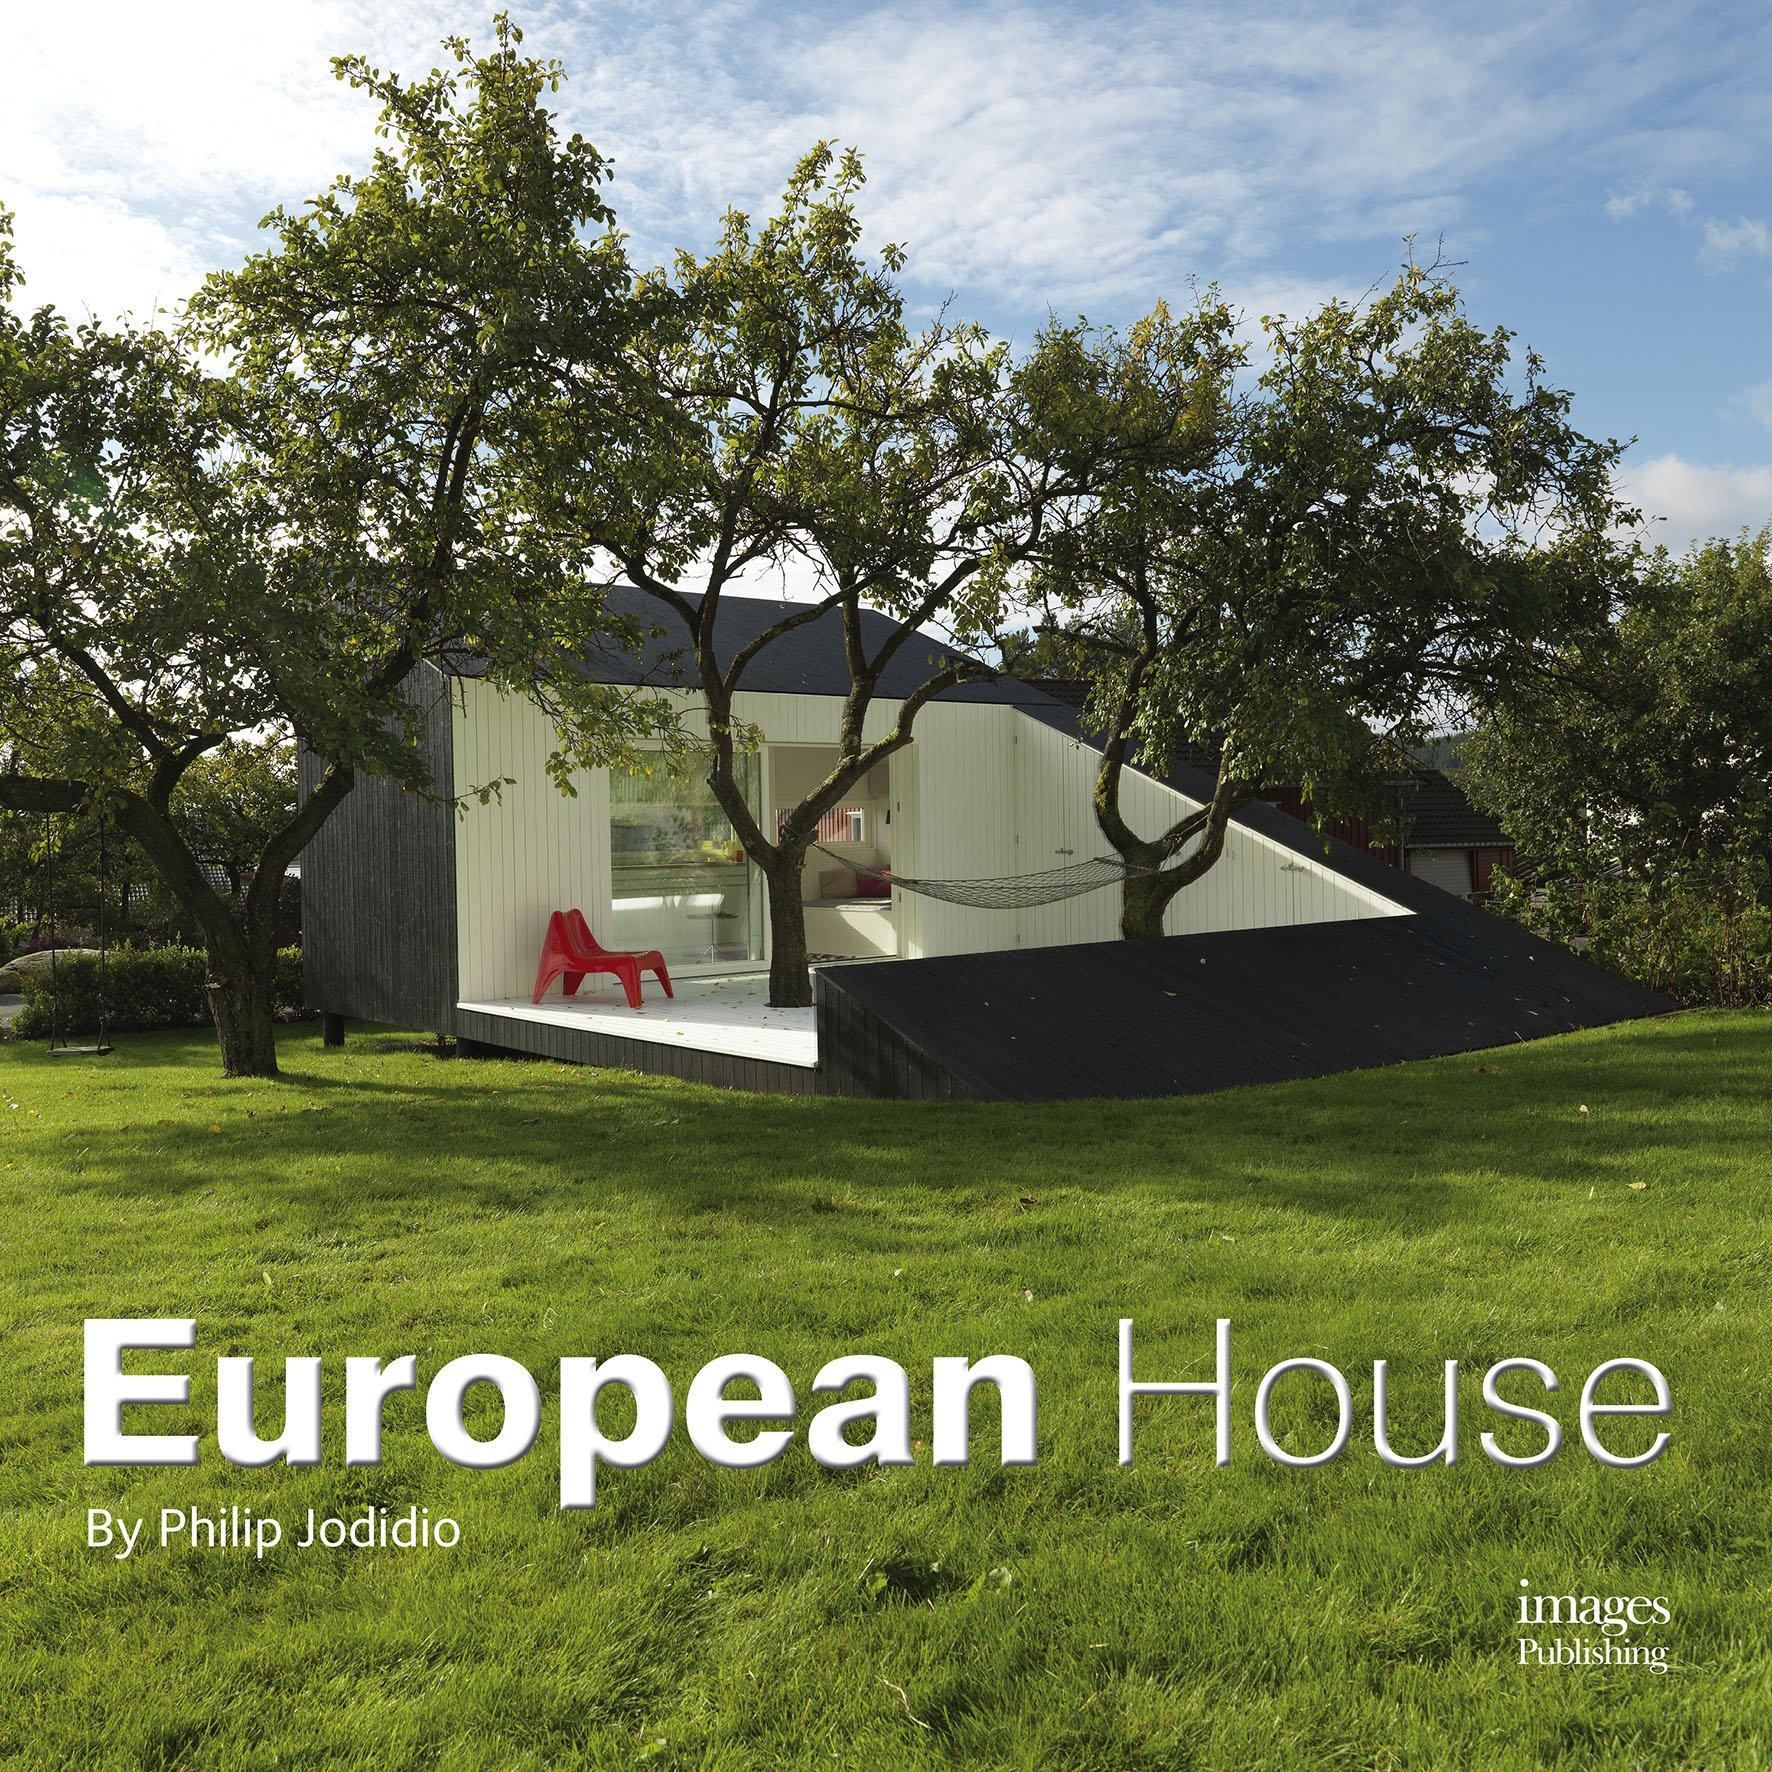 European house (Anglais) Relié – Illustré, 1 novembre 2015 Philip Jodidio 1864706368 Architektur Europa